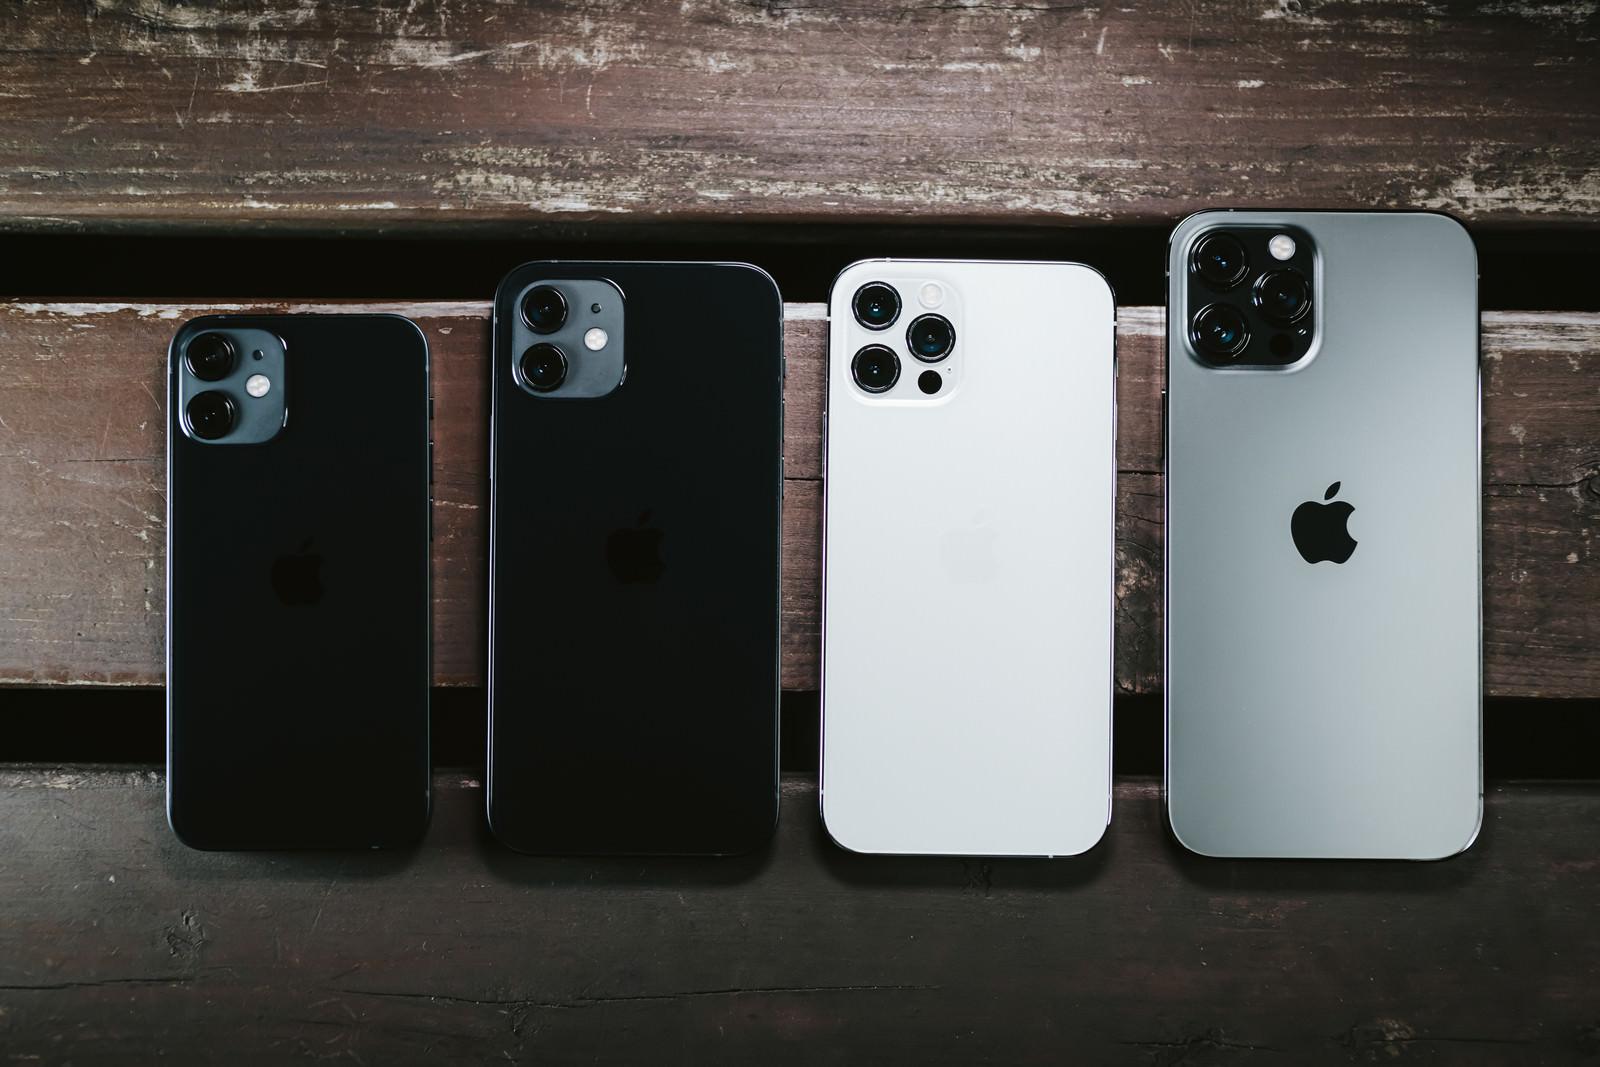 「 iPhone 12 mini / iPhone 12 / iPhone 12 Pro / iPhone 12 Pro Max のサイズ比較」の写真